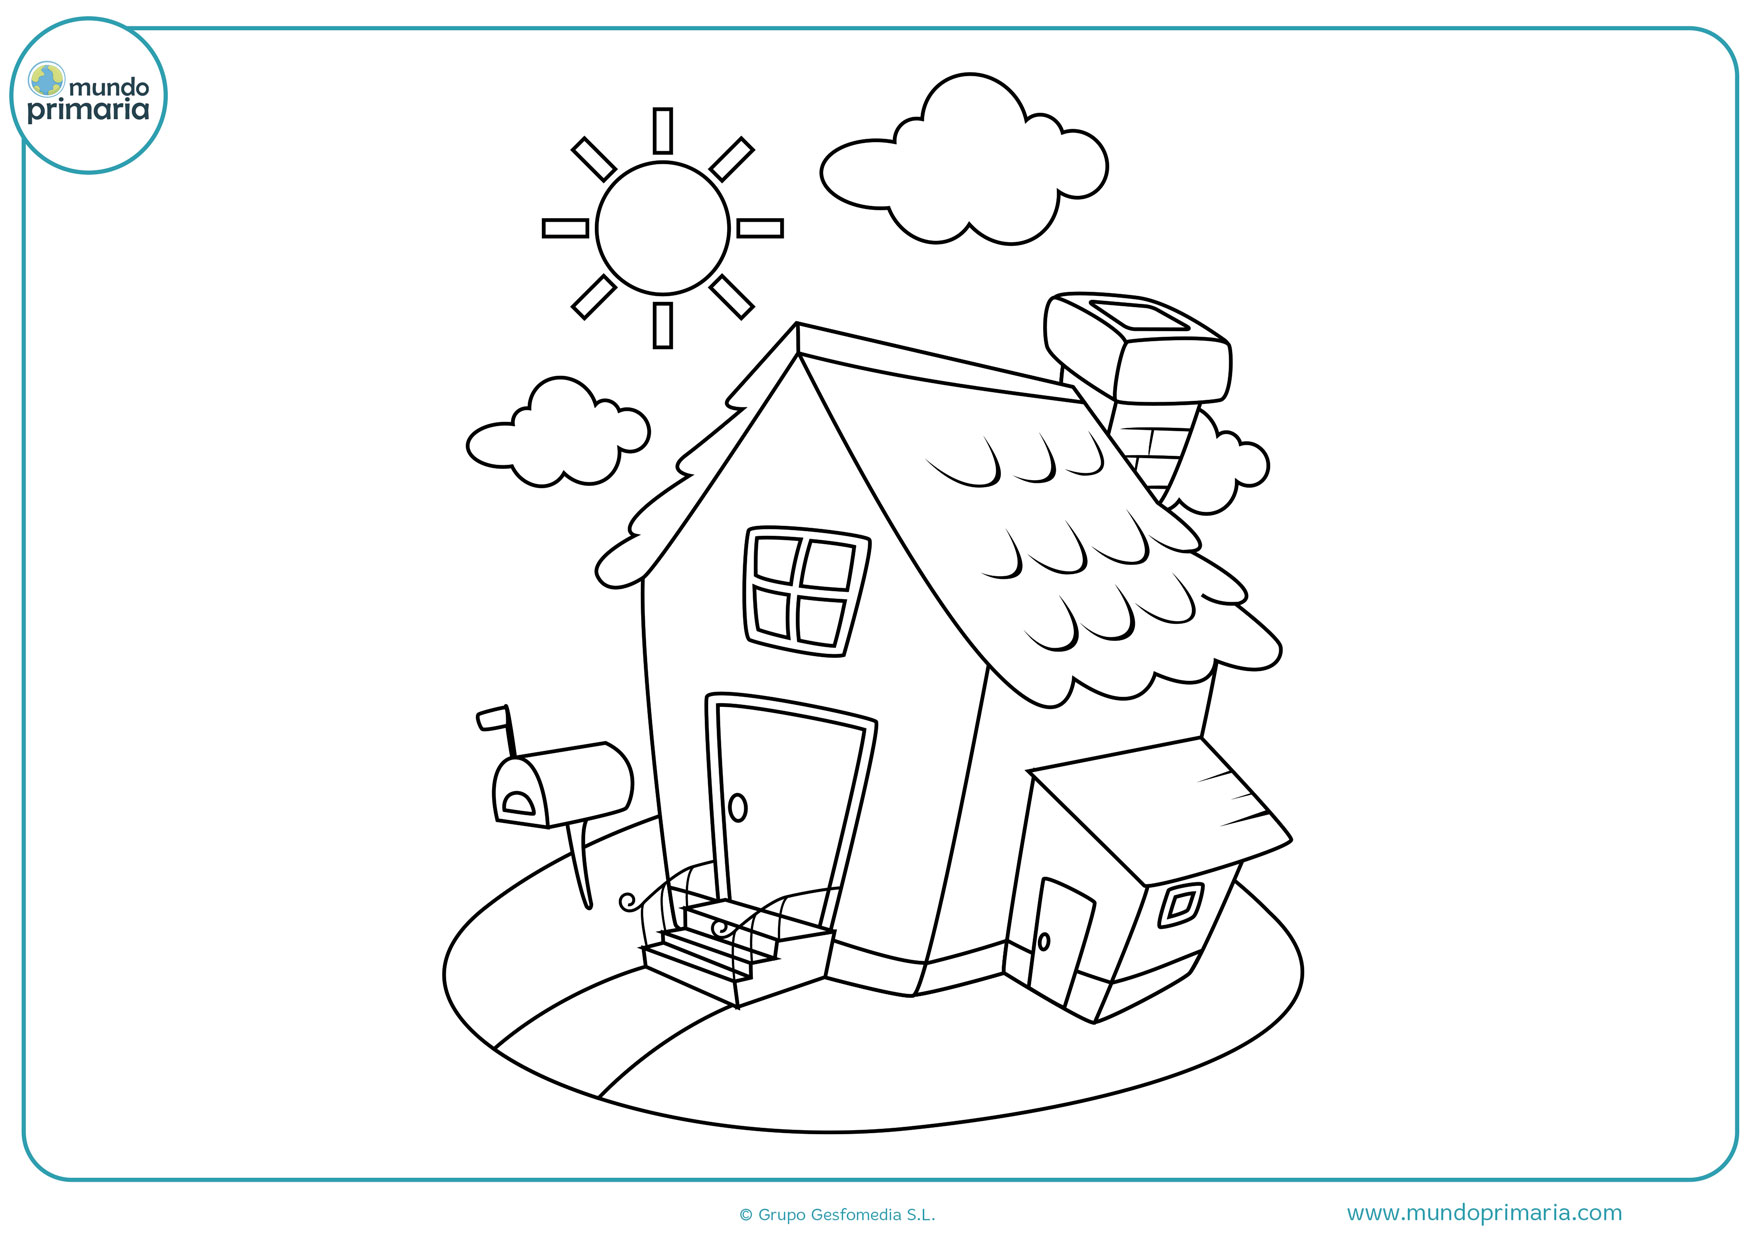 Dibujos De Casas Para Colorear Mundo Primaria